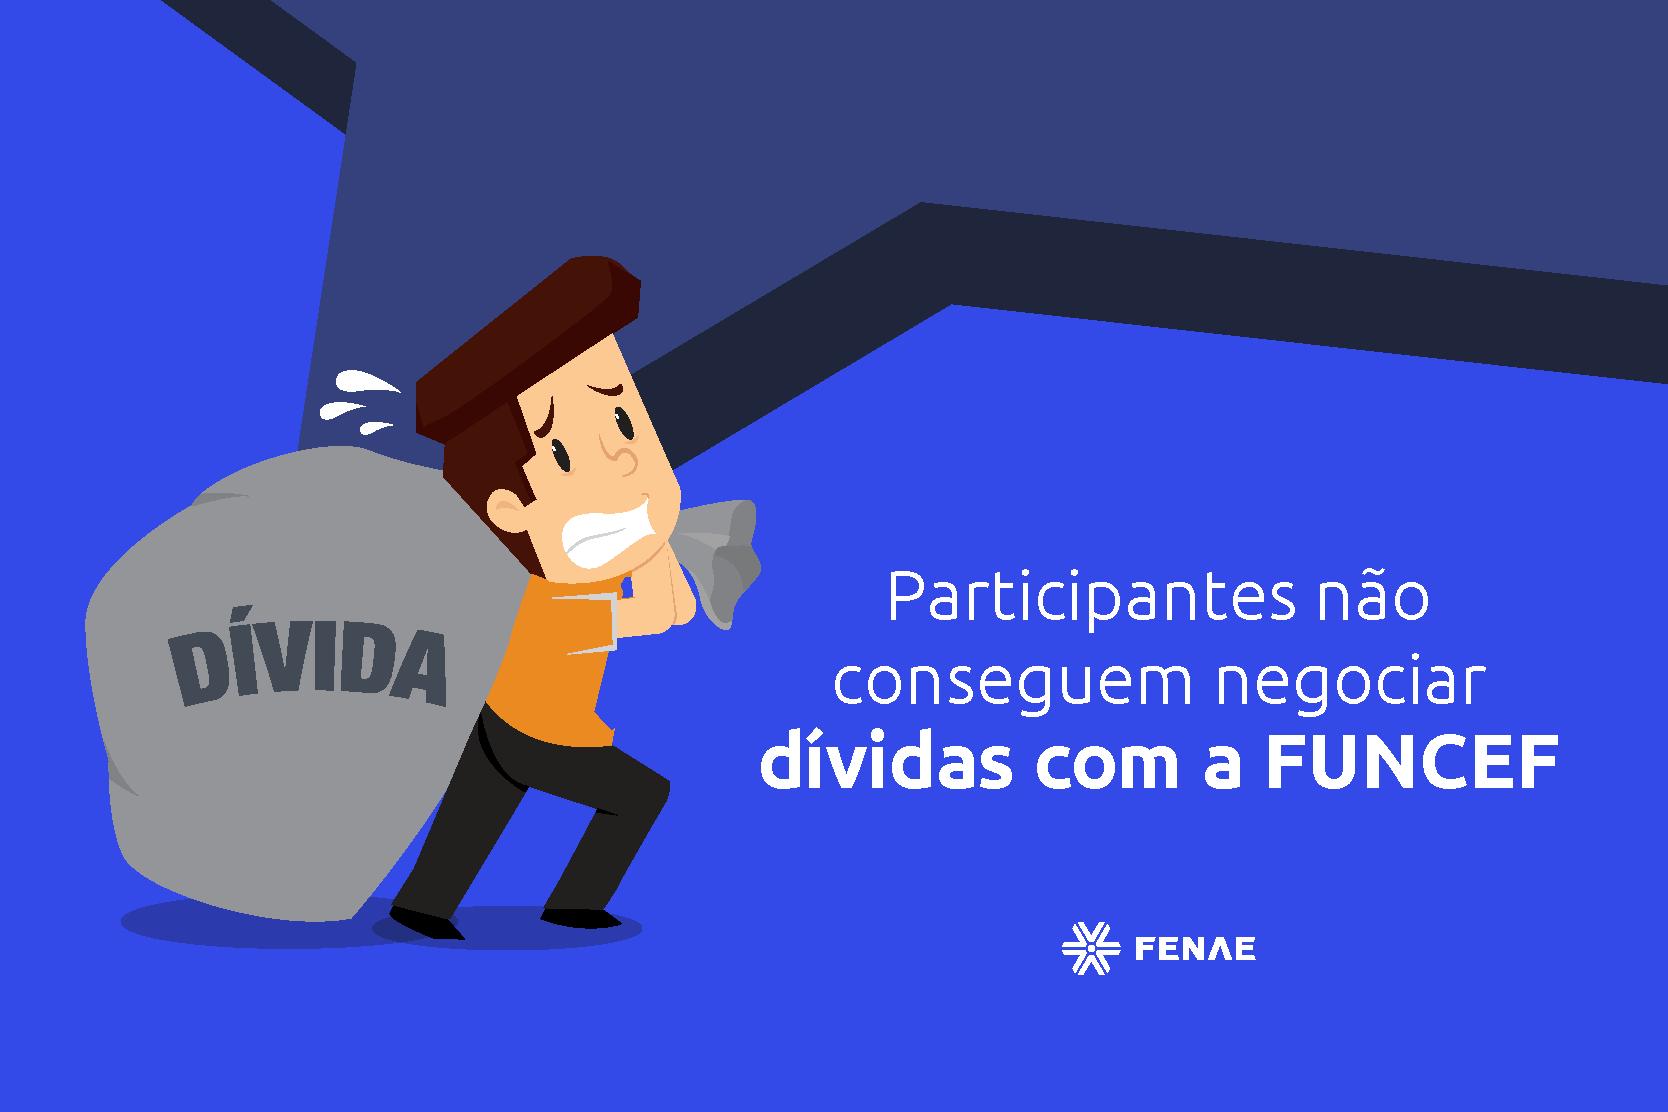 Imagem:Participantes não conseguem negociar dívidas com a Funcef